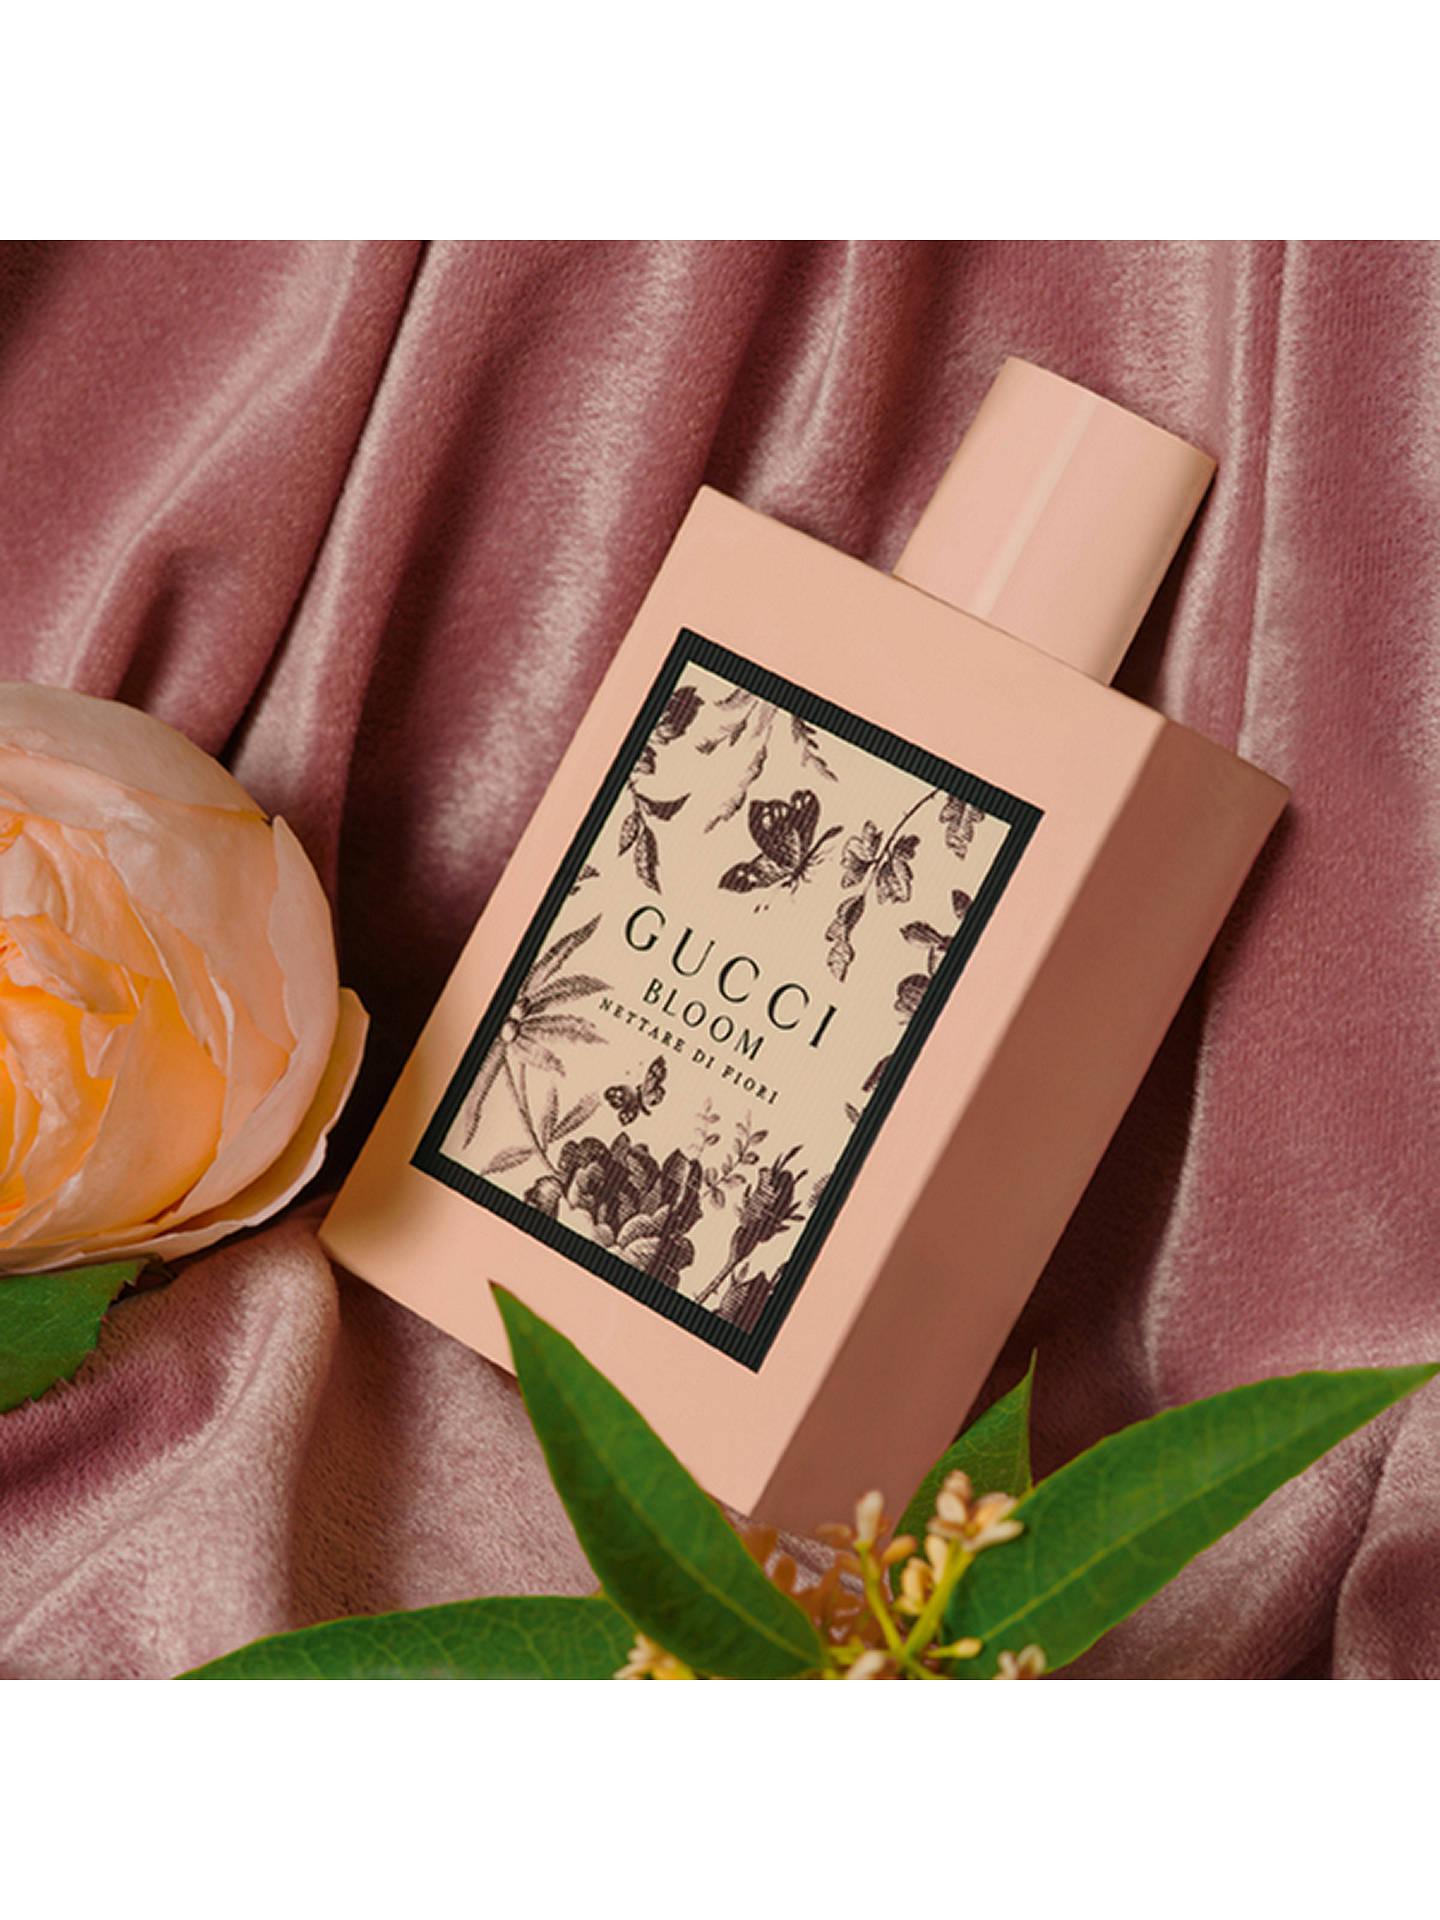 Fior Di Fiori.Gucci Bloom Nettare Di Fiori Eau De Parfum At John Lewis Partners